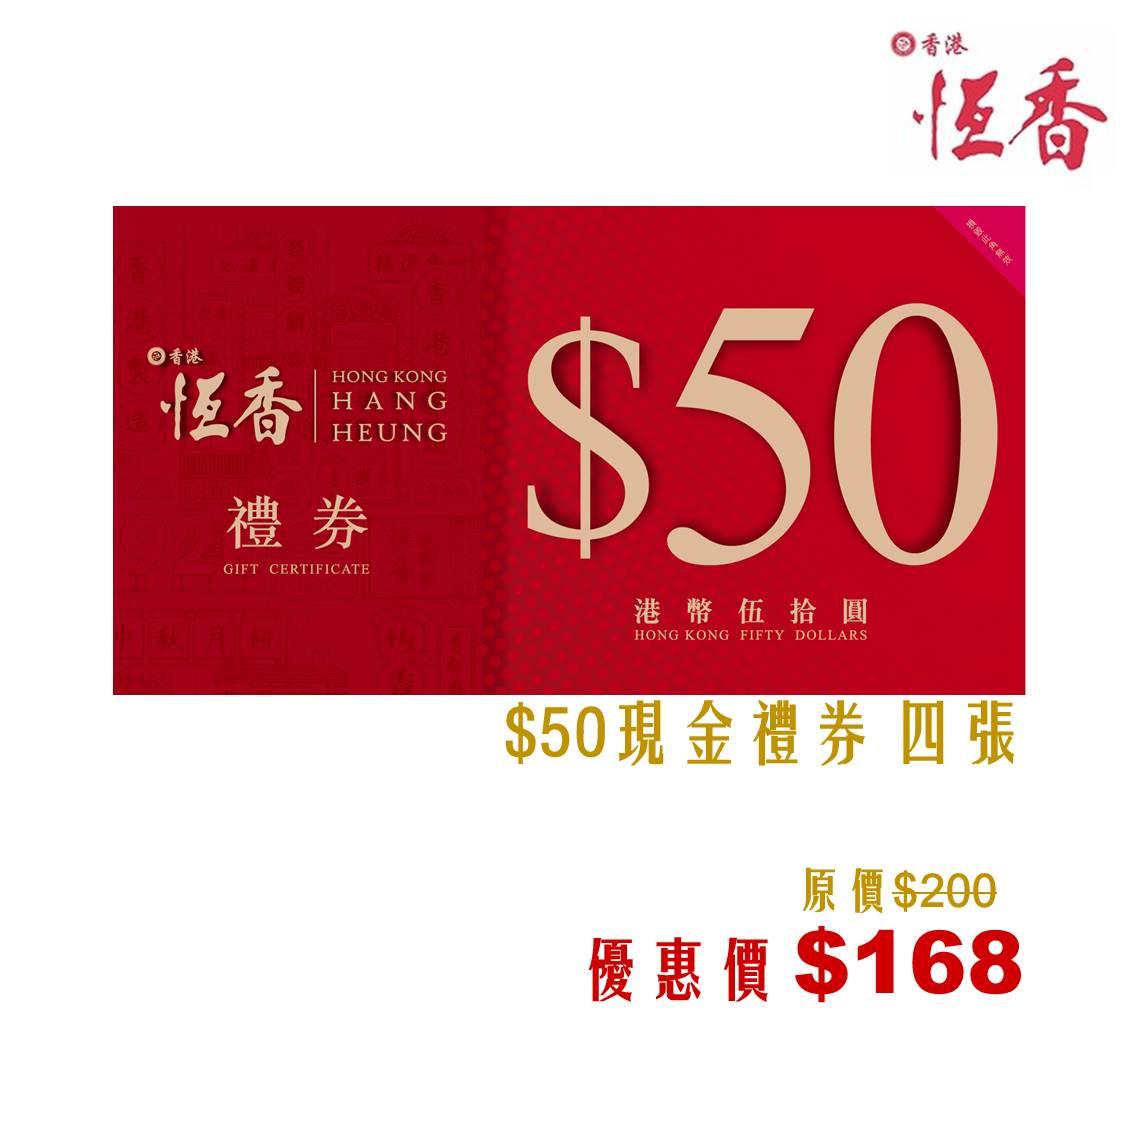 恆香$50現金禮券(共4 張) *禮券將與其他貨品分開發貨及通知取貨